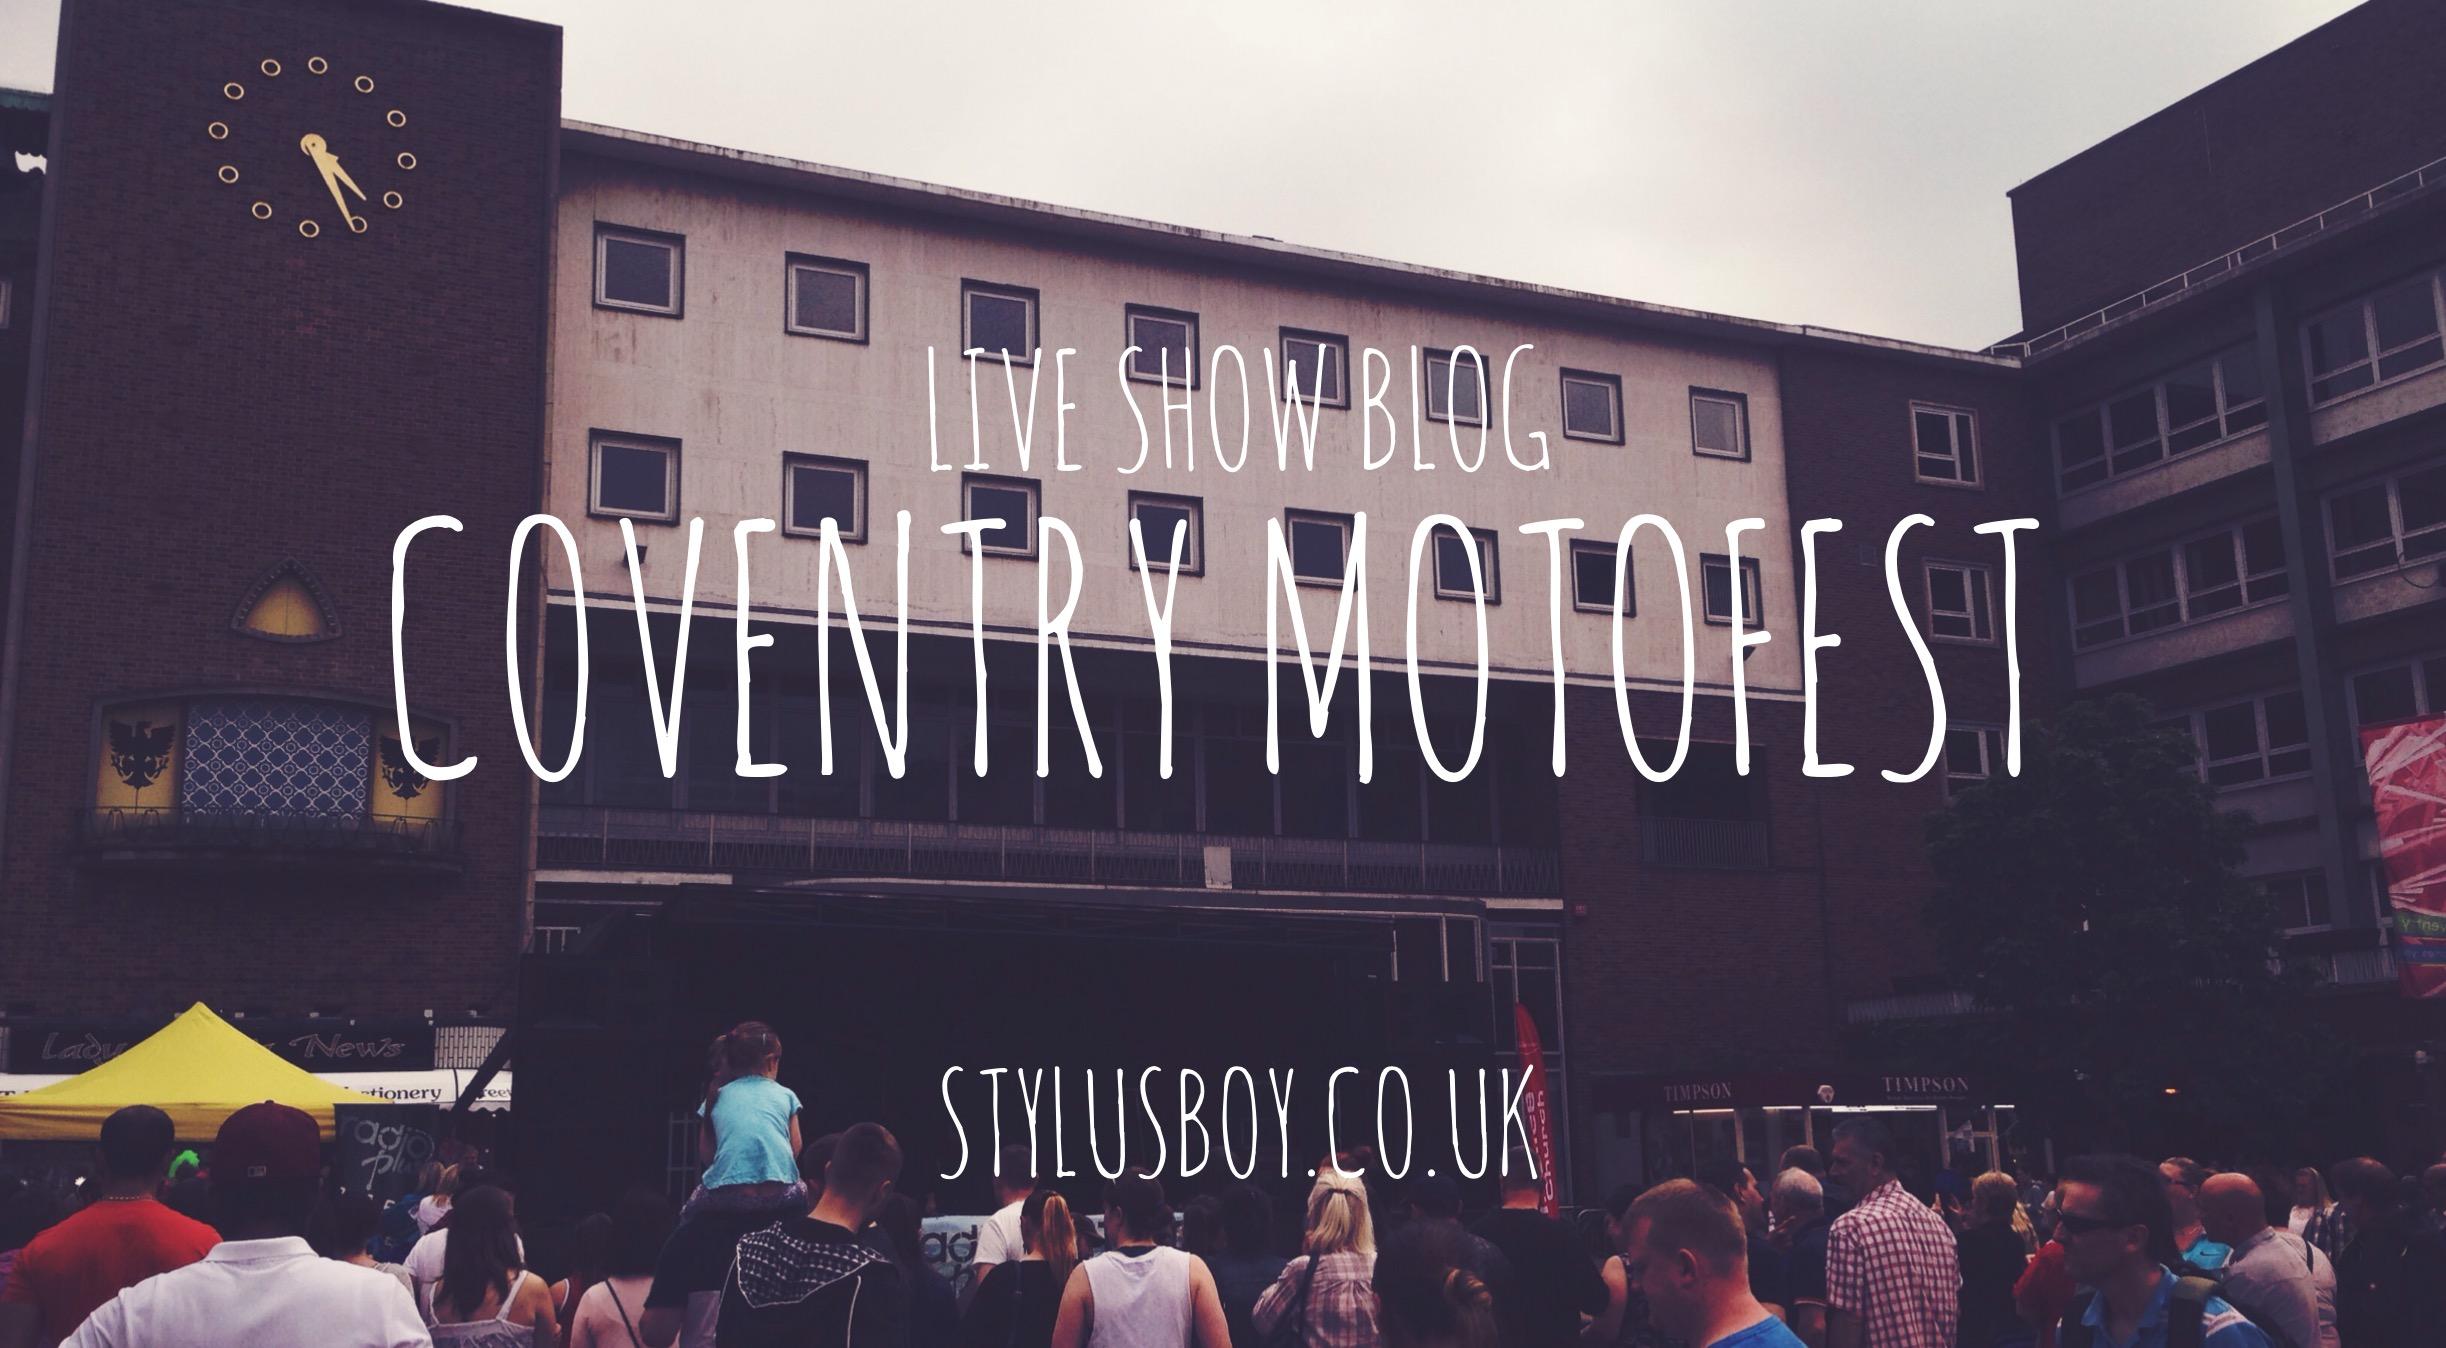 Stylusboy_cov_motofest_2016